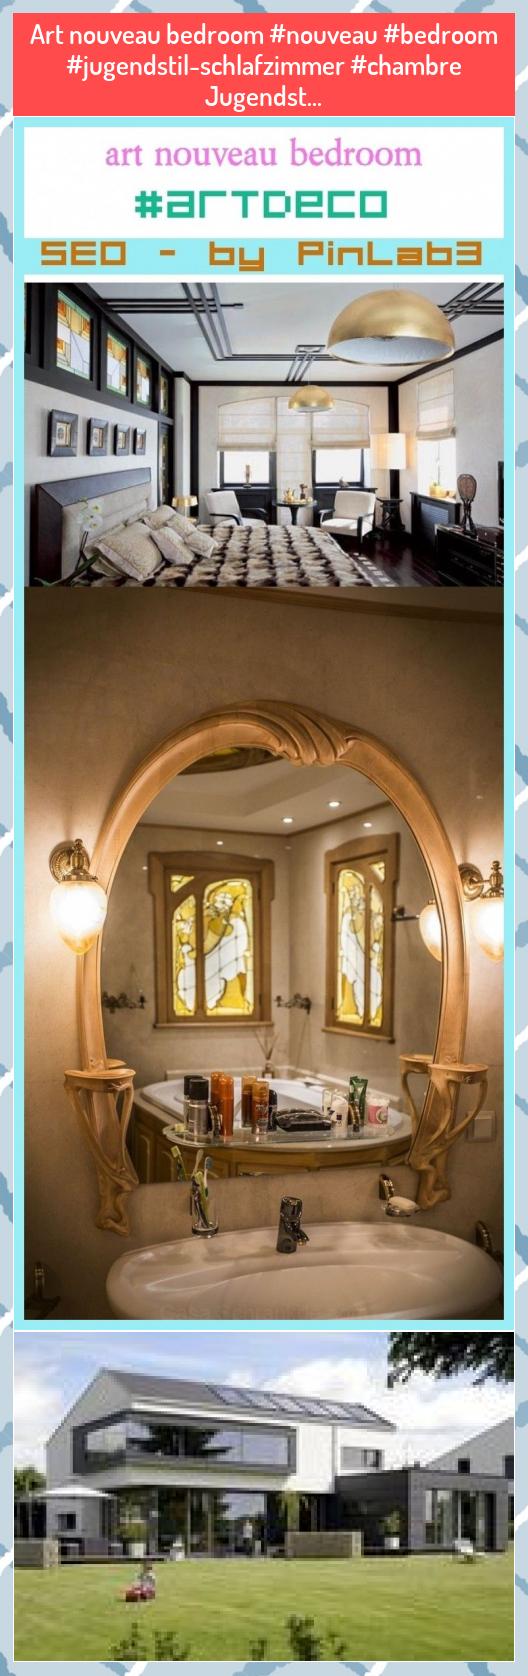 Art nouveau bedroom Jugendst